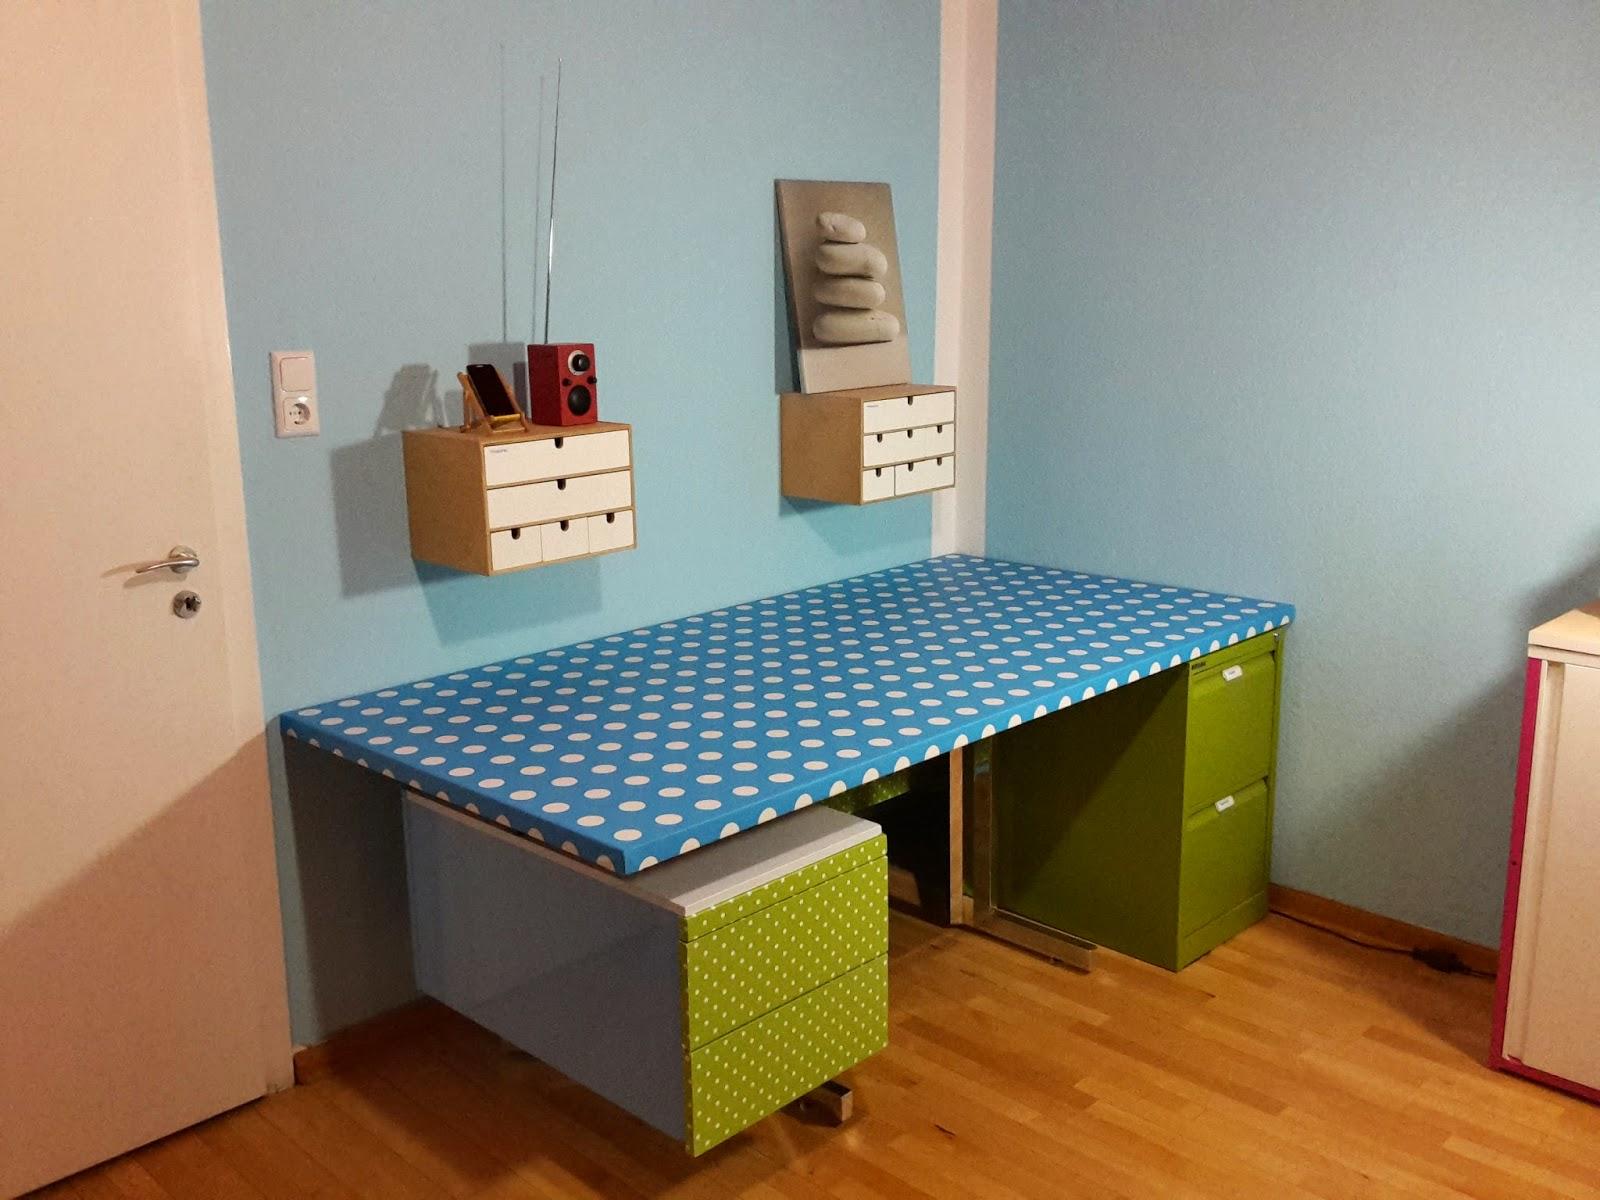 Bild des Schreibtischs. Blau bespannt mit weißen Tupfen. Hellblauer Kasten. Froschgrüne Schubladen mit weißen Tupfen. Froschgrüner Bisley.